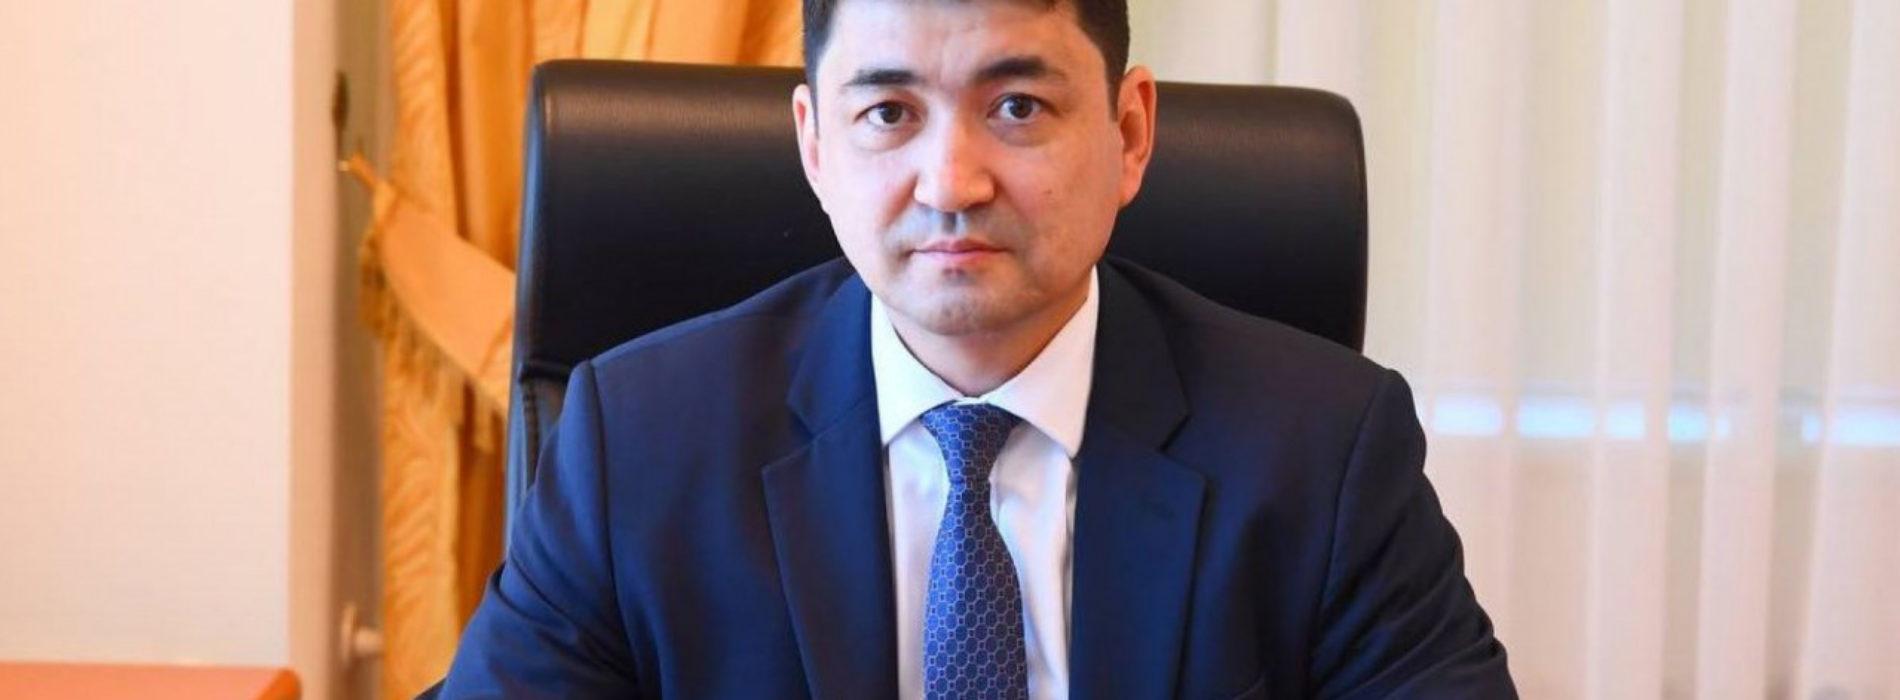 Проверка в отношении вице-министра образования и науки РК завершена